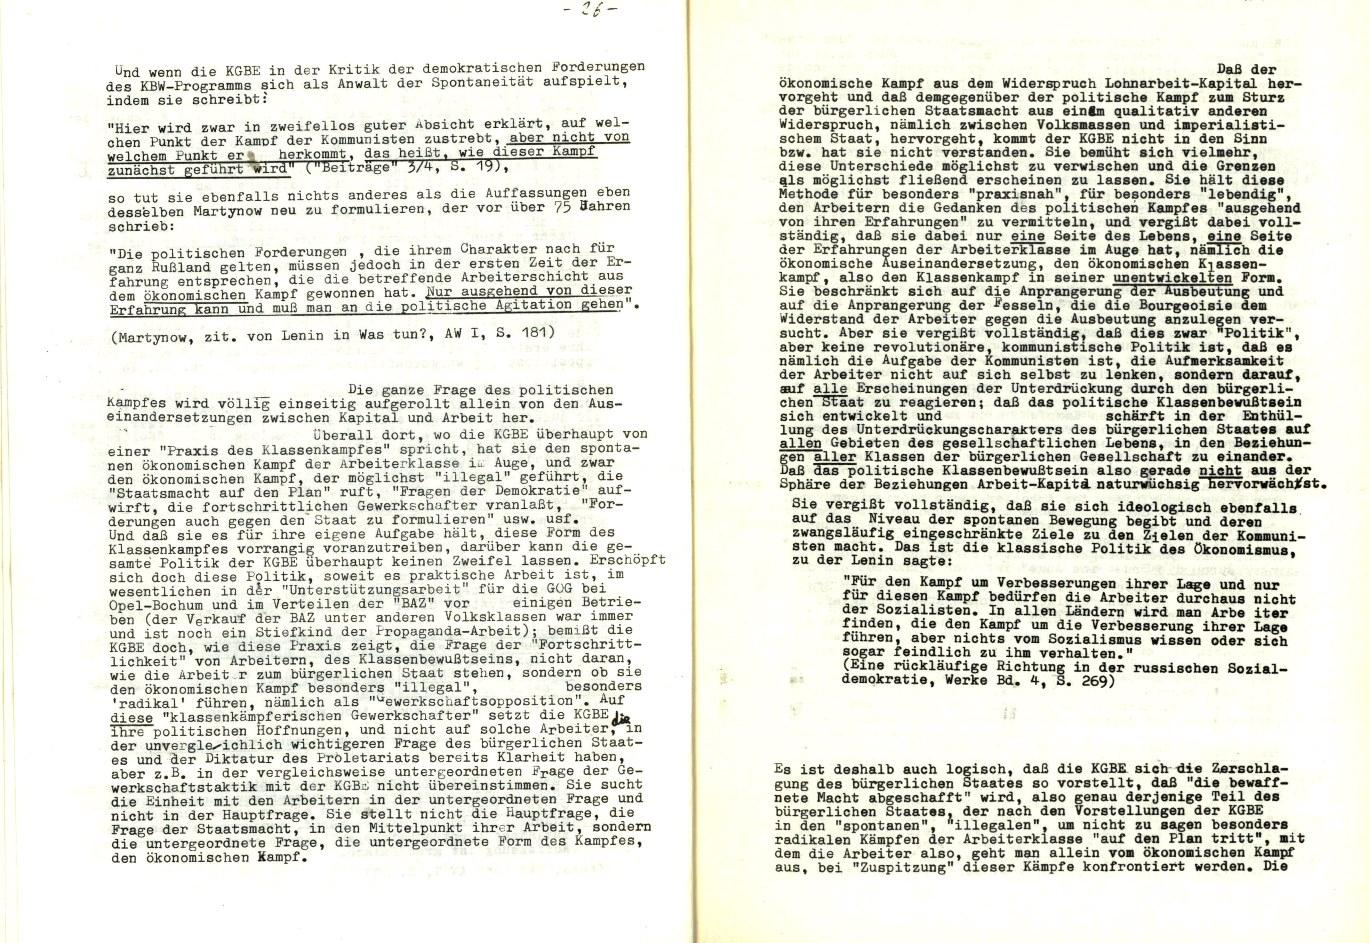 KGBE_Ehemalige_1977_Kritik_an_der_KGBE_17